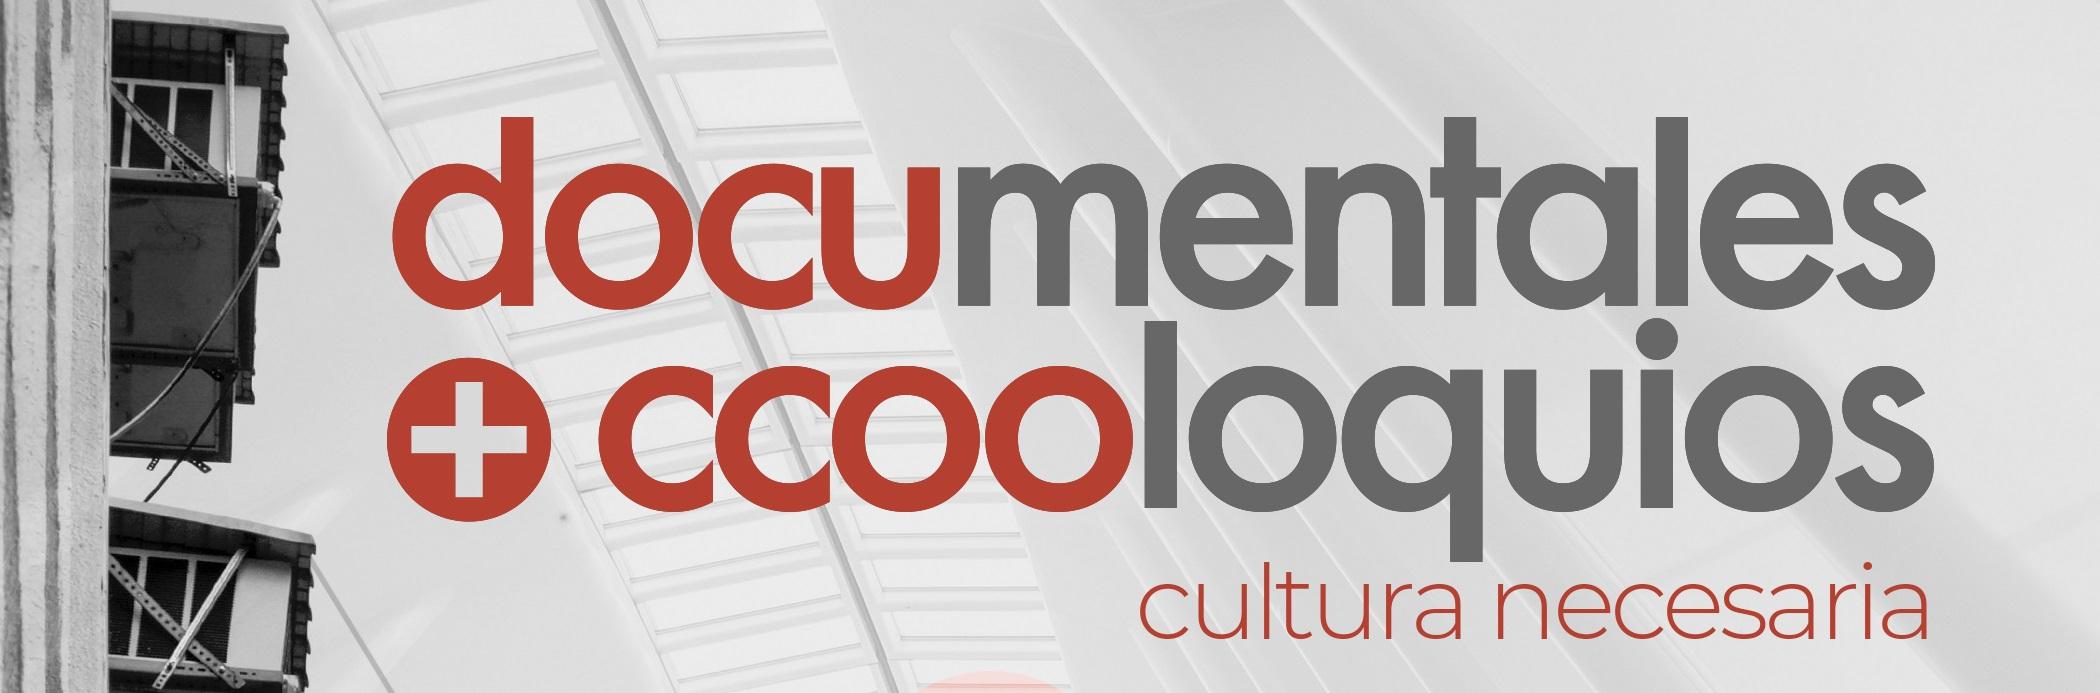 Documentales + CCOOloquios: Cultura necesaria